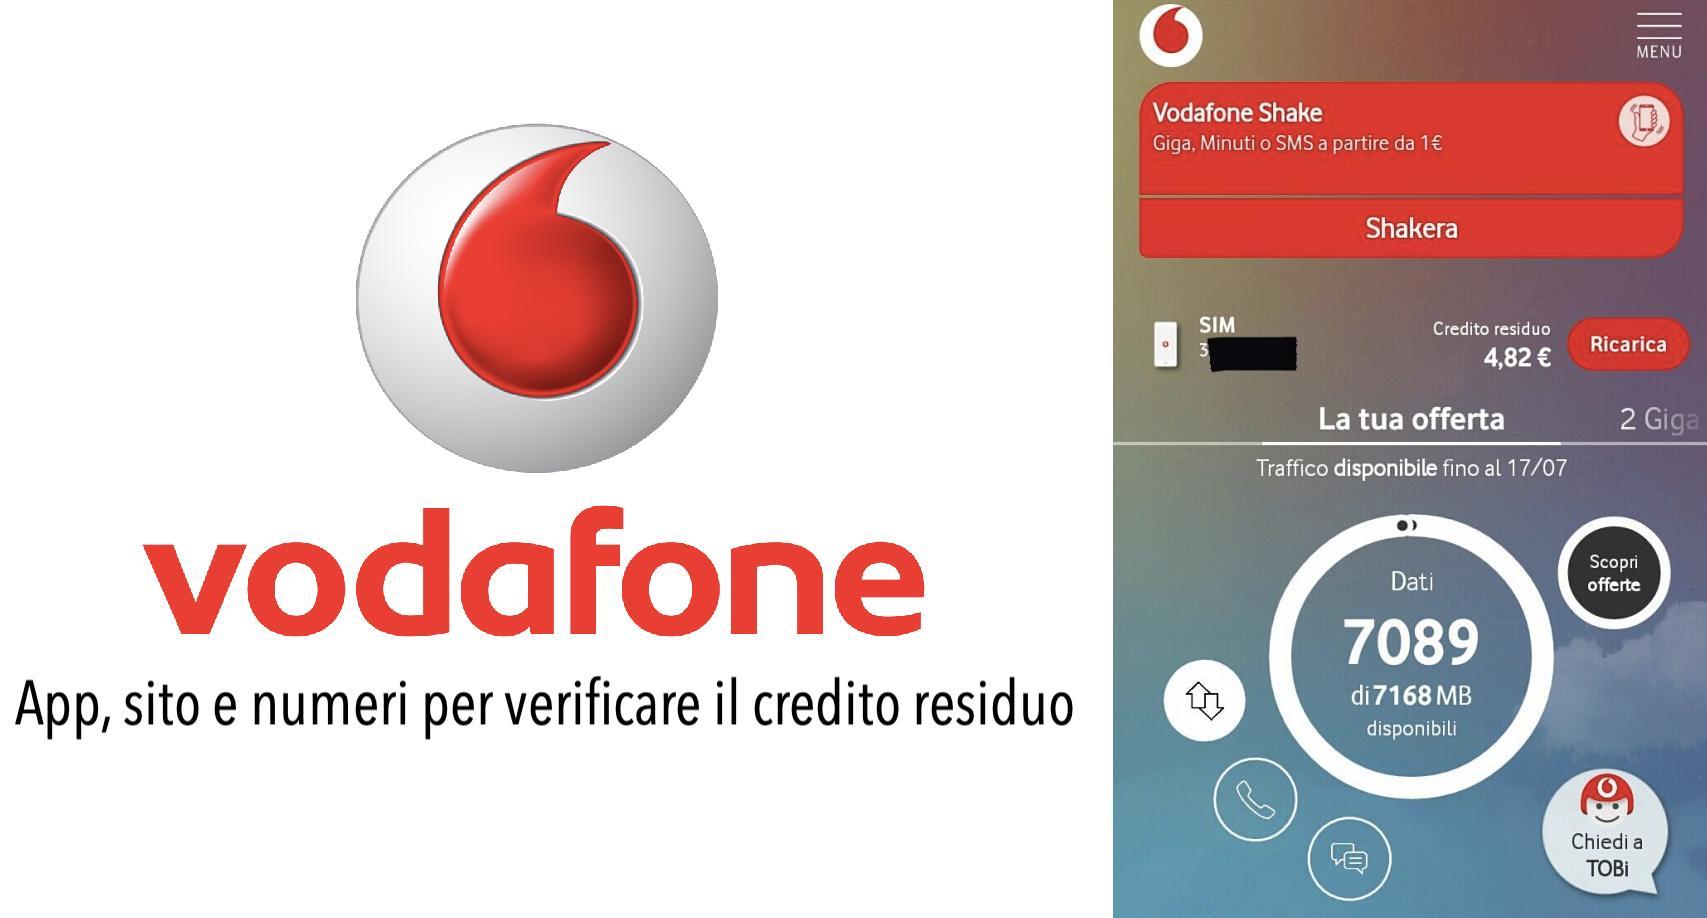 Contatori Vodafone come controllare credito residuo